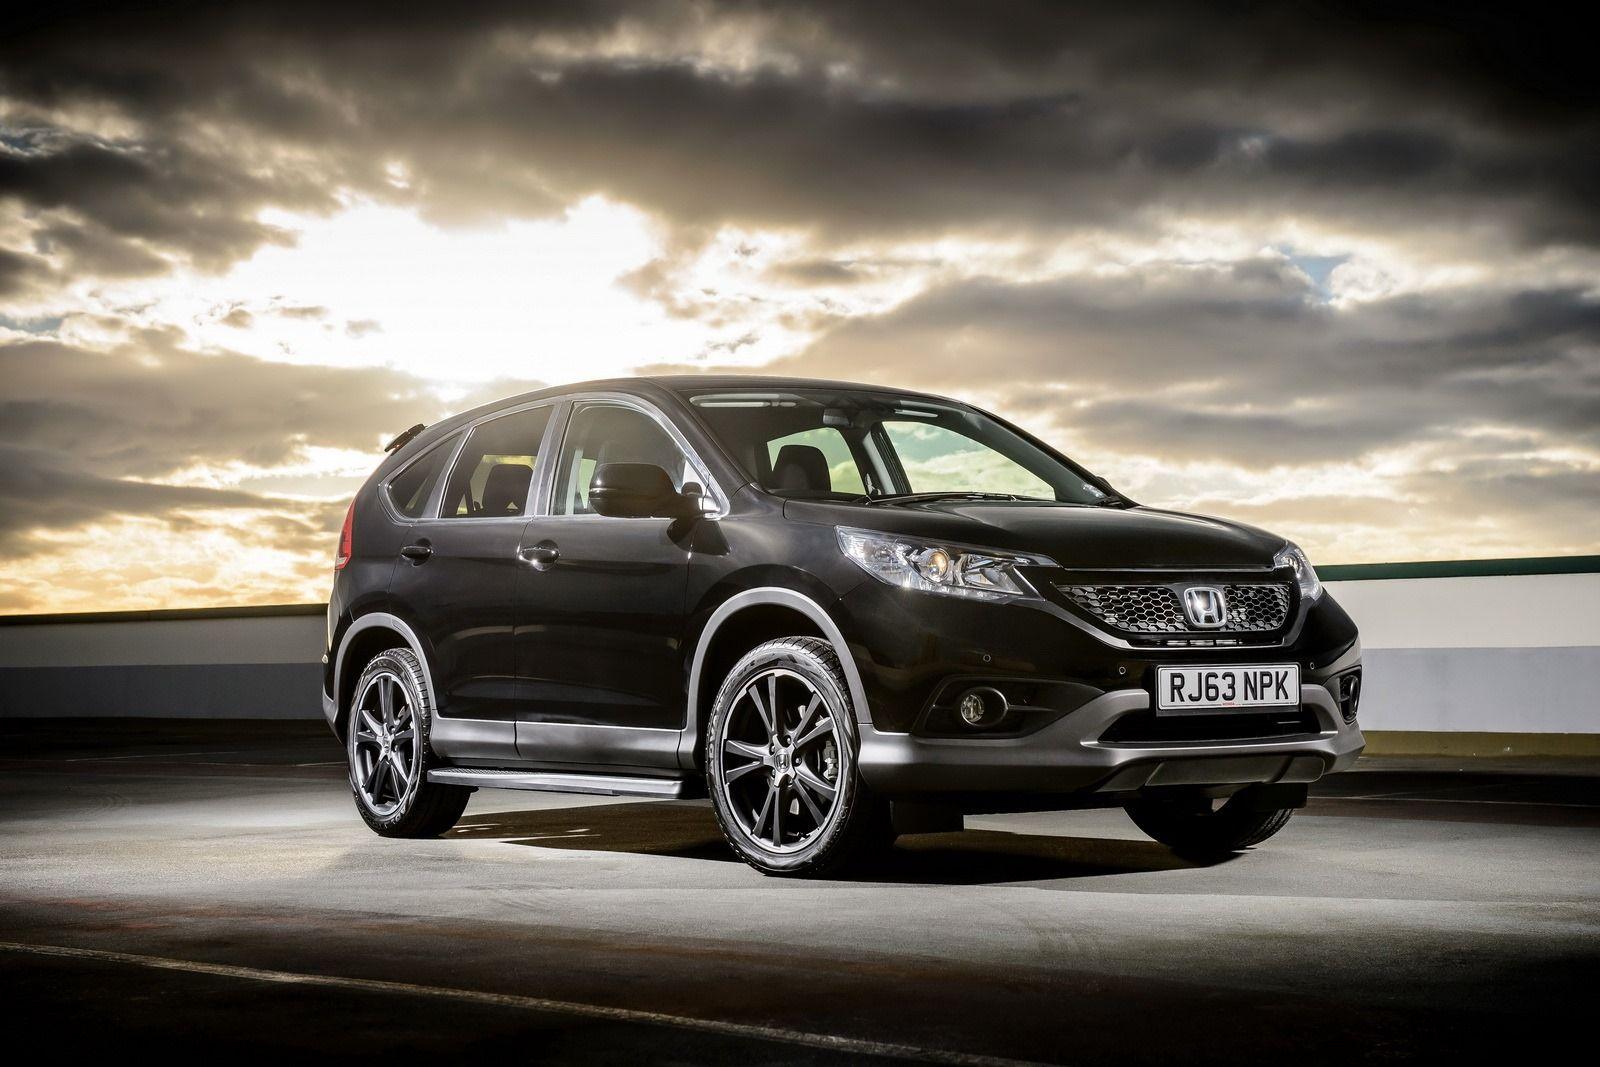 Honda new cr v black special edition